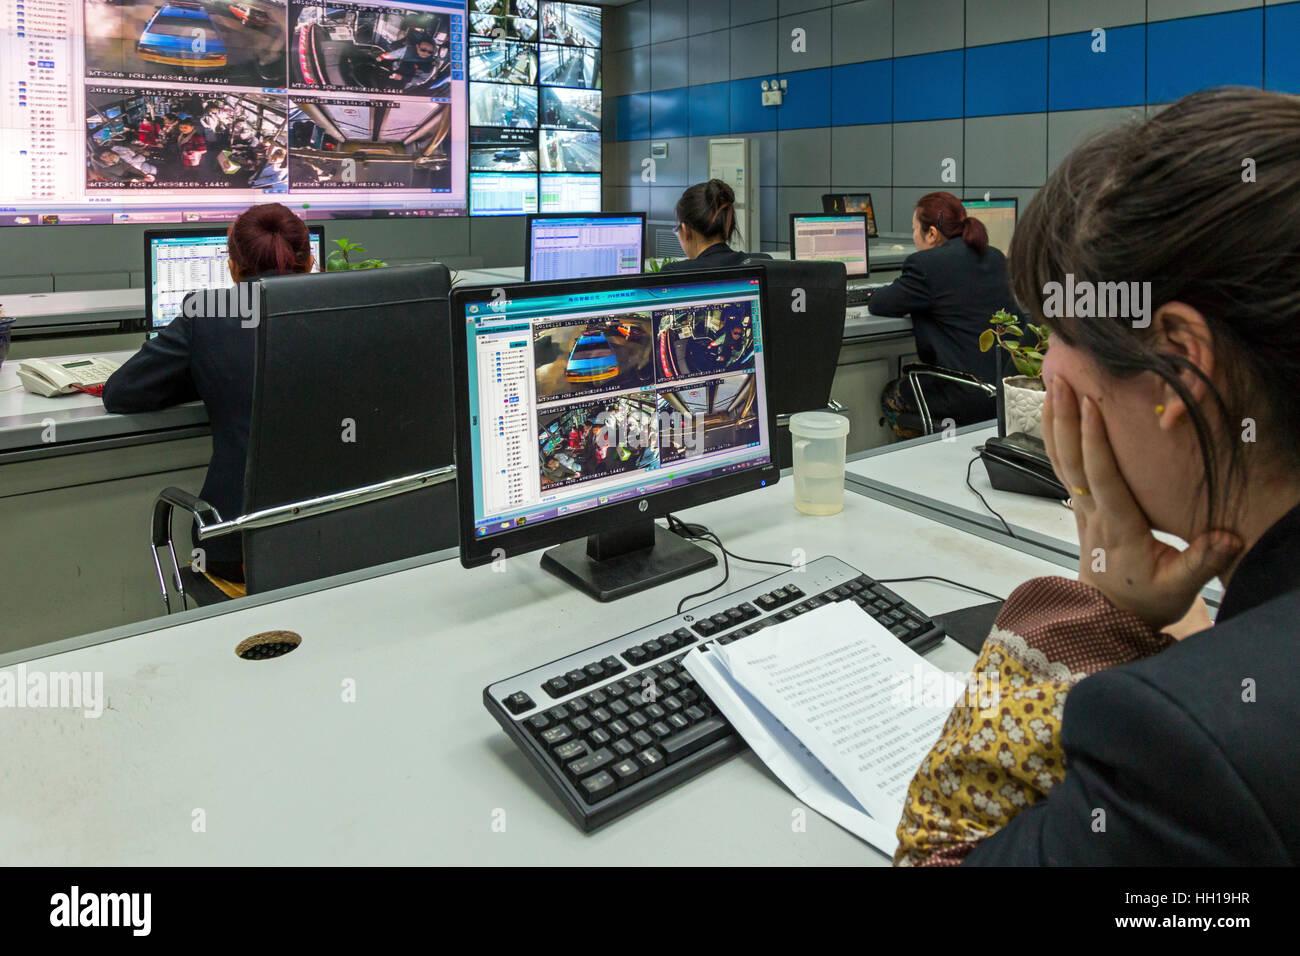 Salle de contrôle pour city bus company, Yinchuan, Ningxia, Chine Banque D'Images